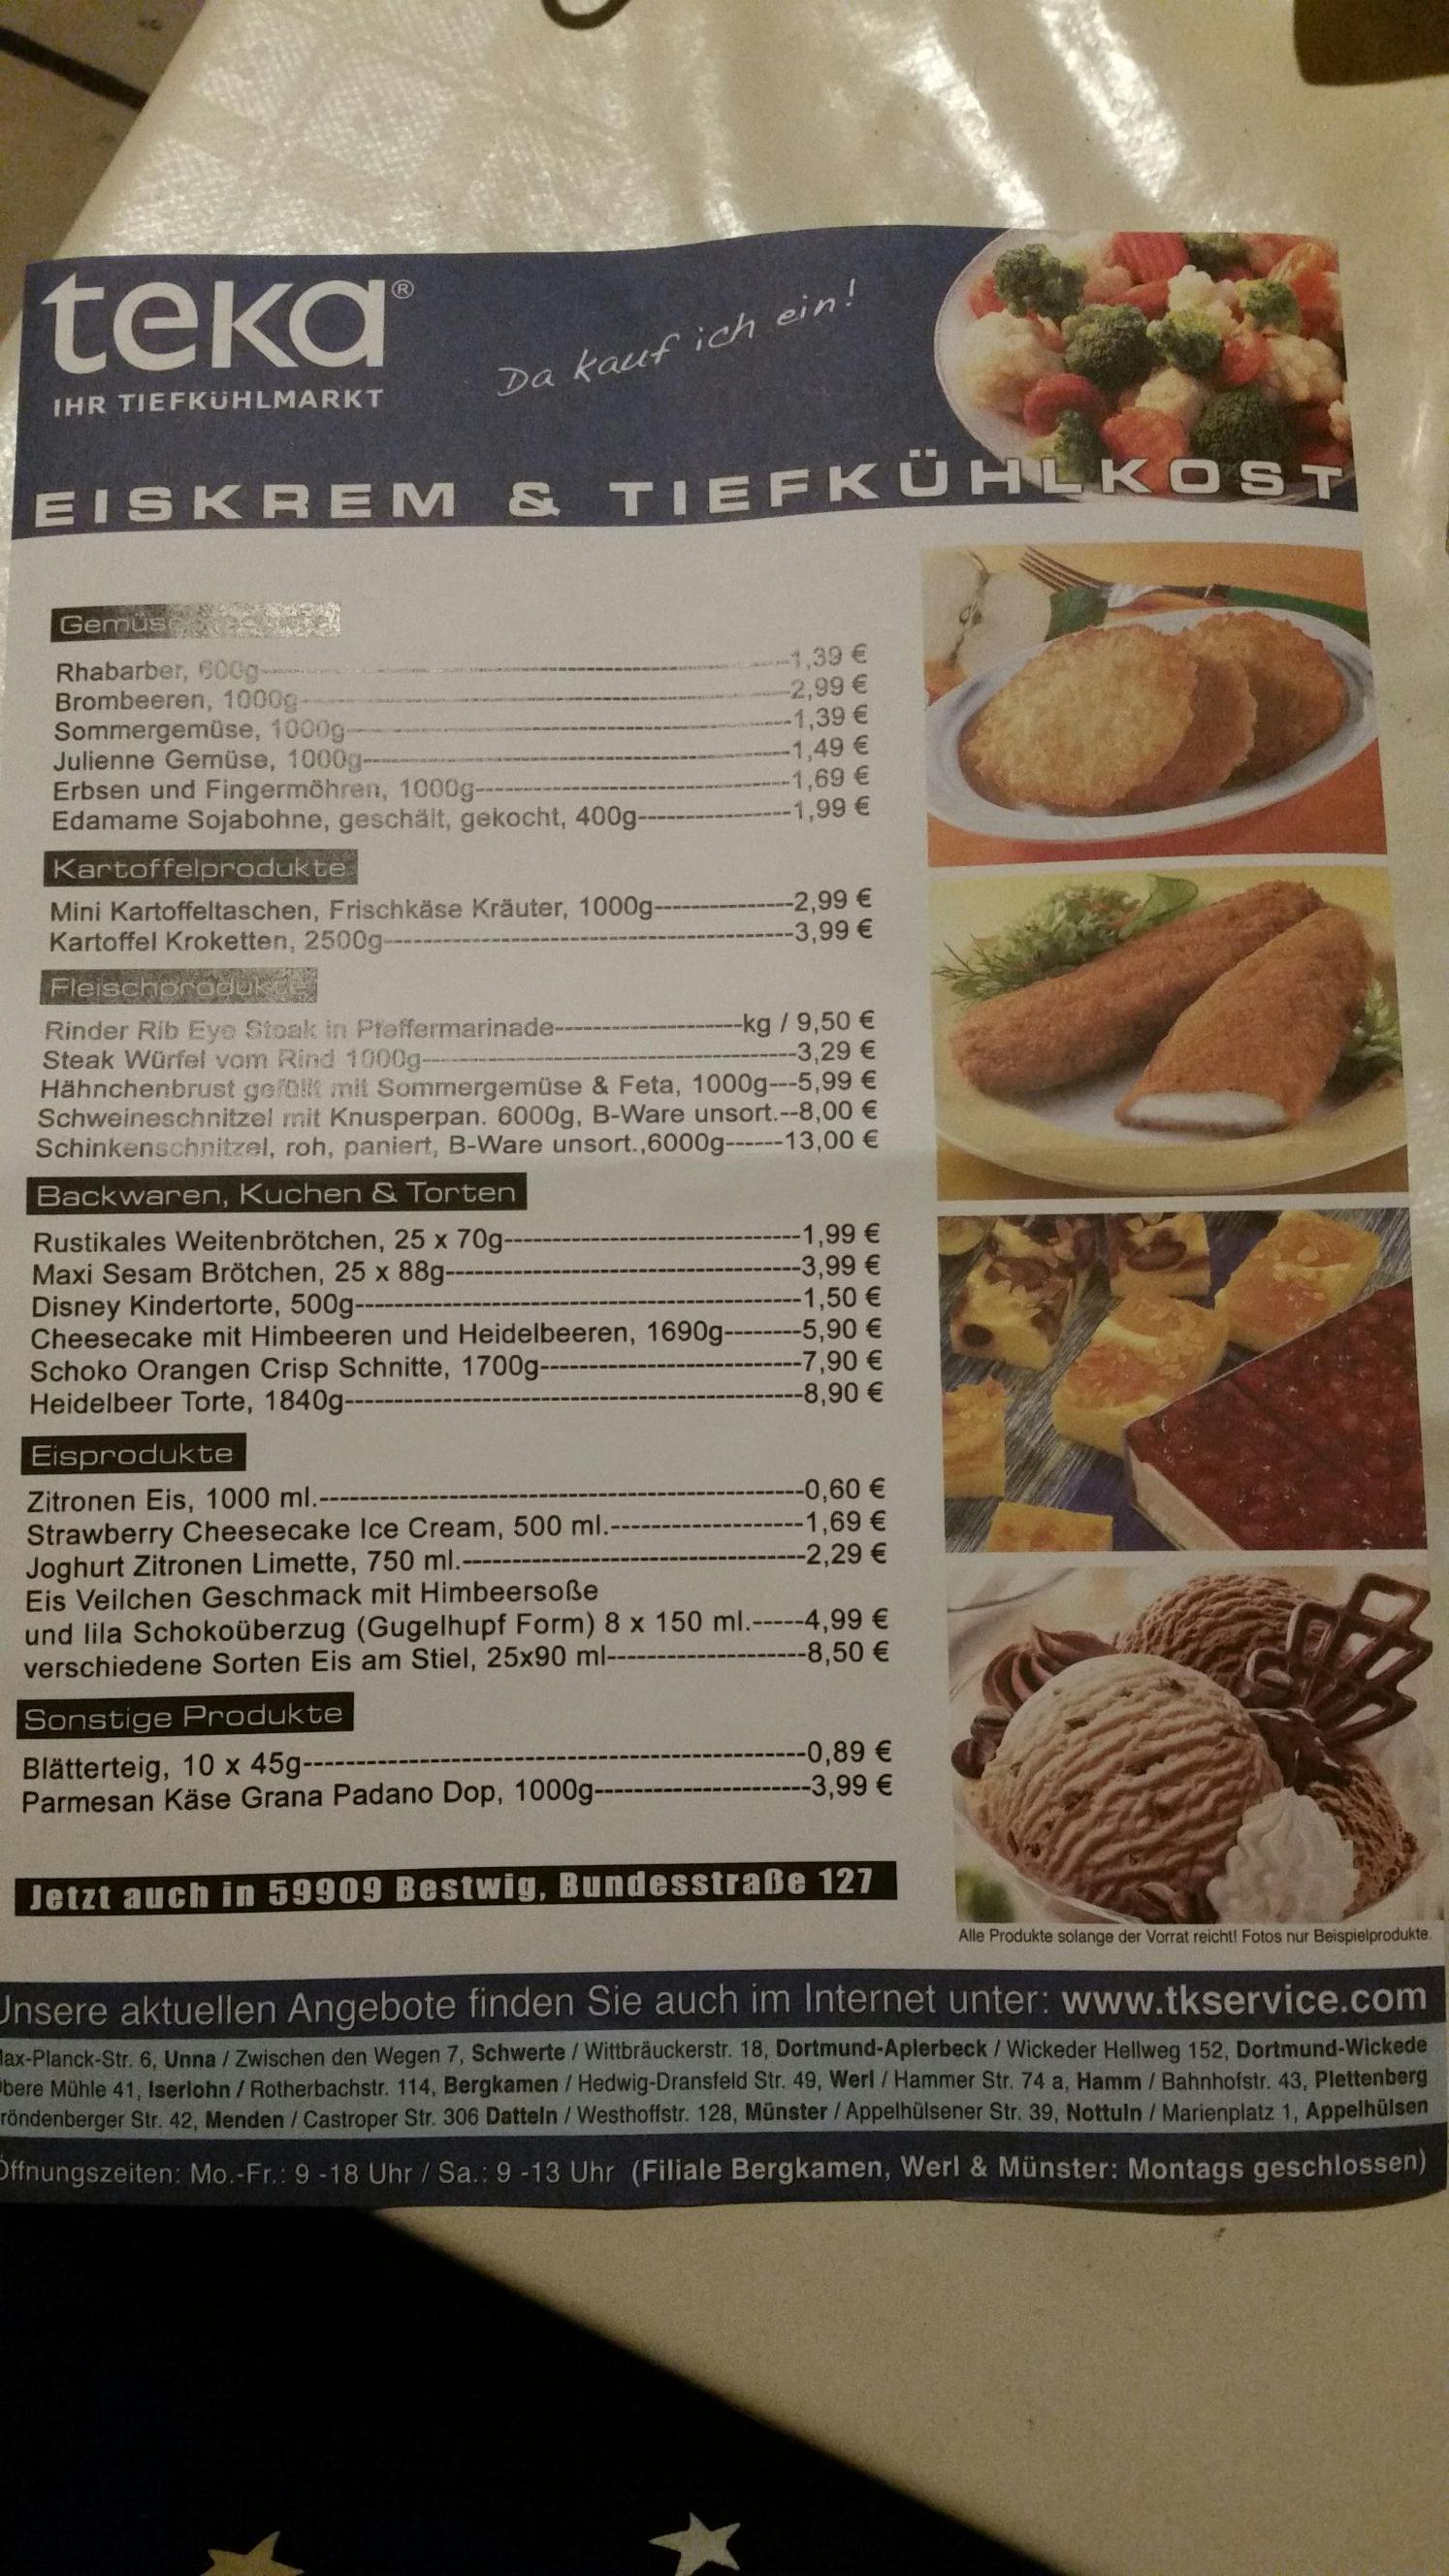 Teka tiefkühlmarkt aktuelle Angebote und weitere schnäppchen